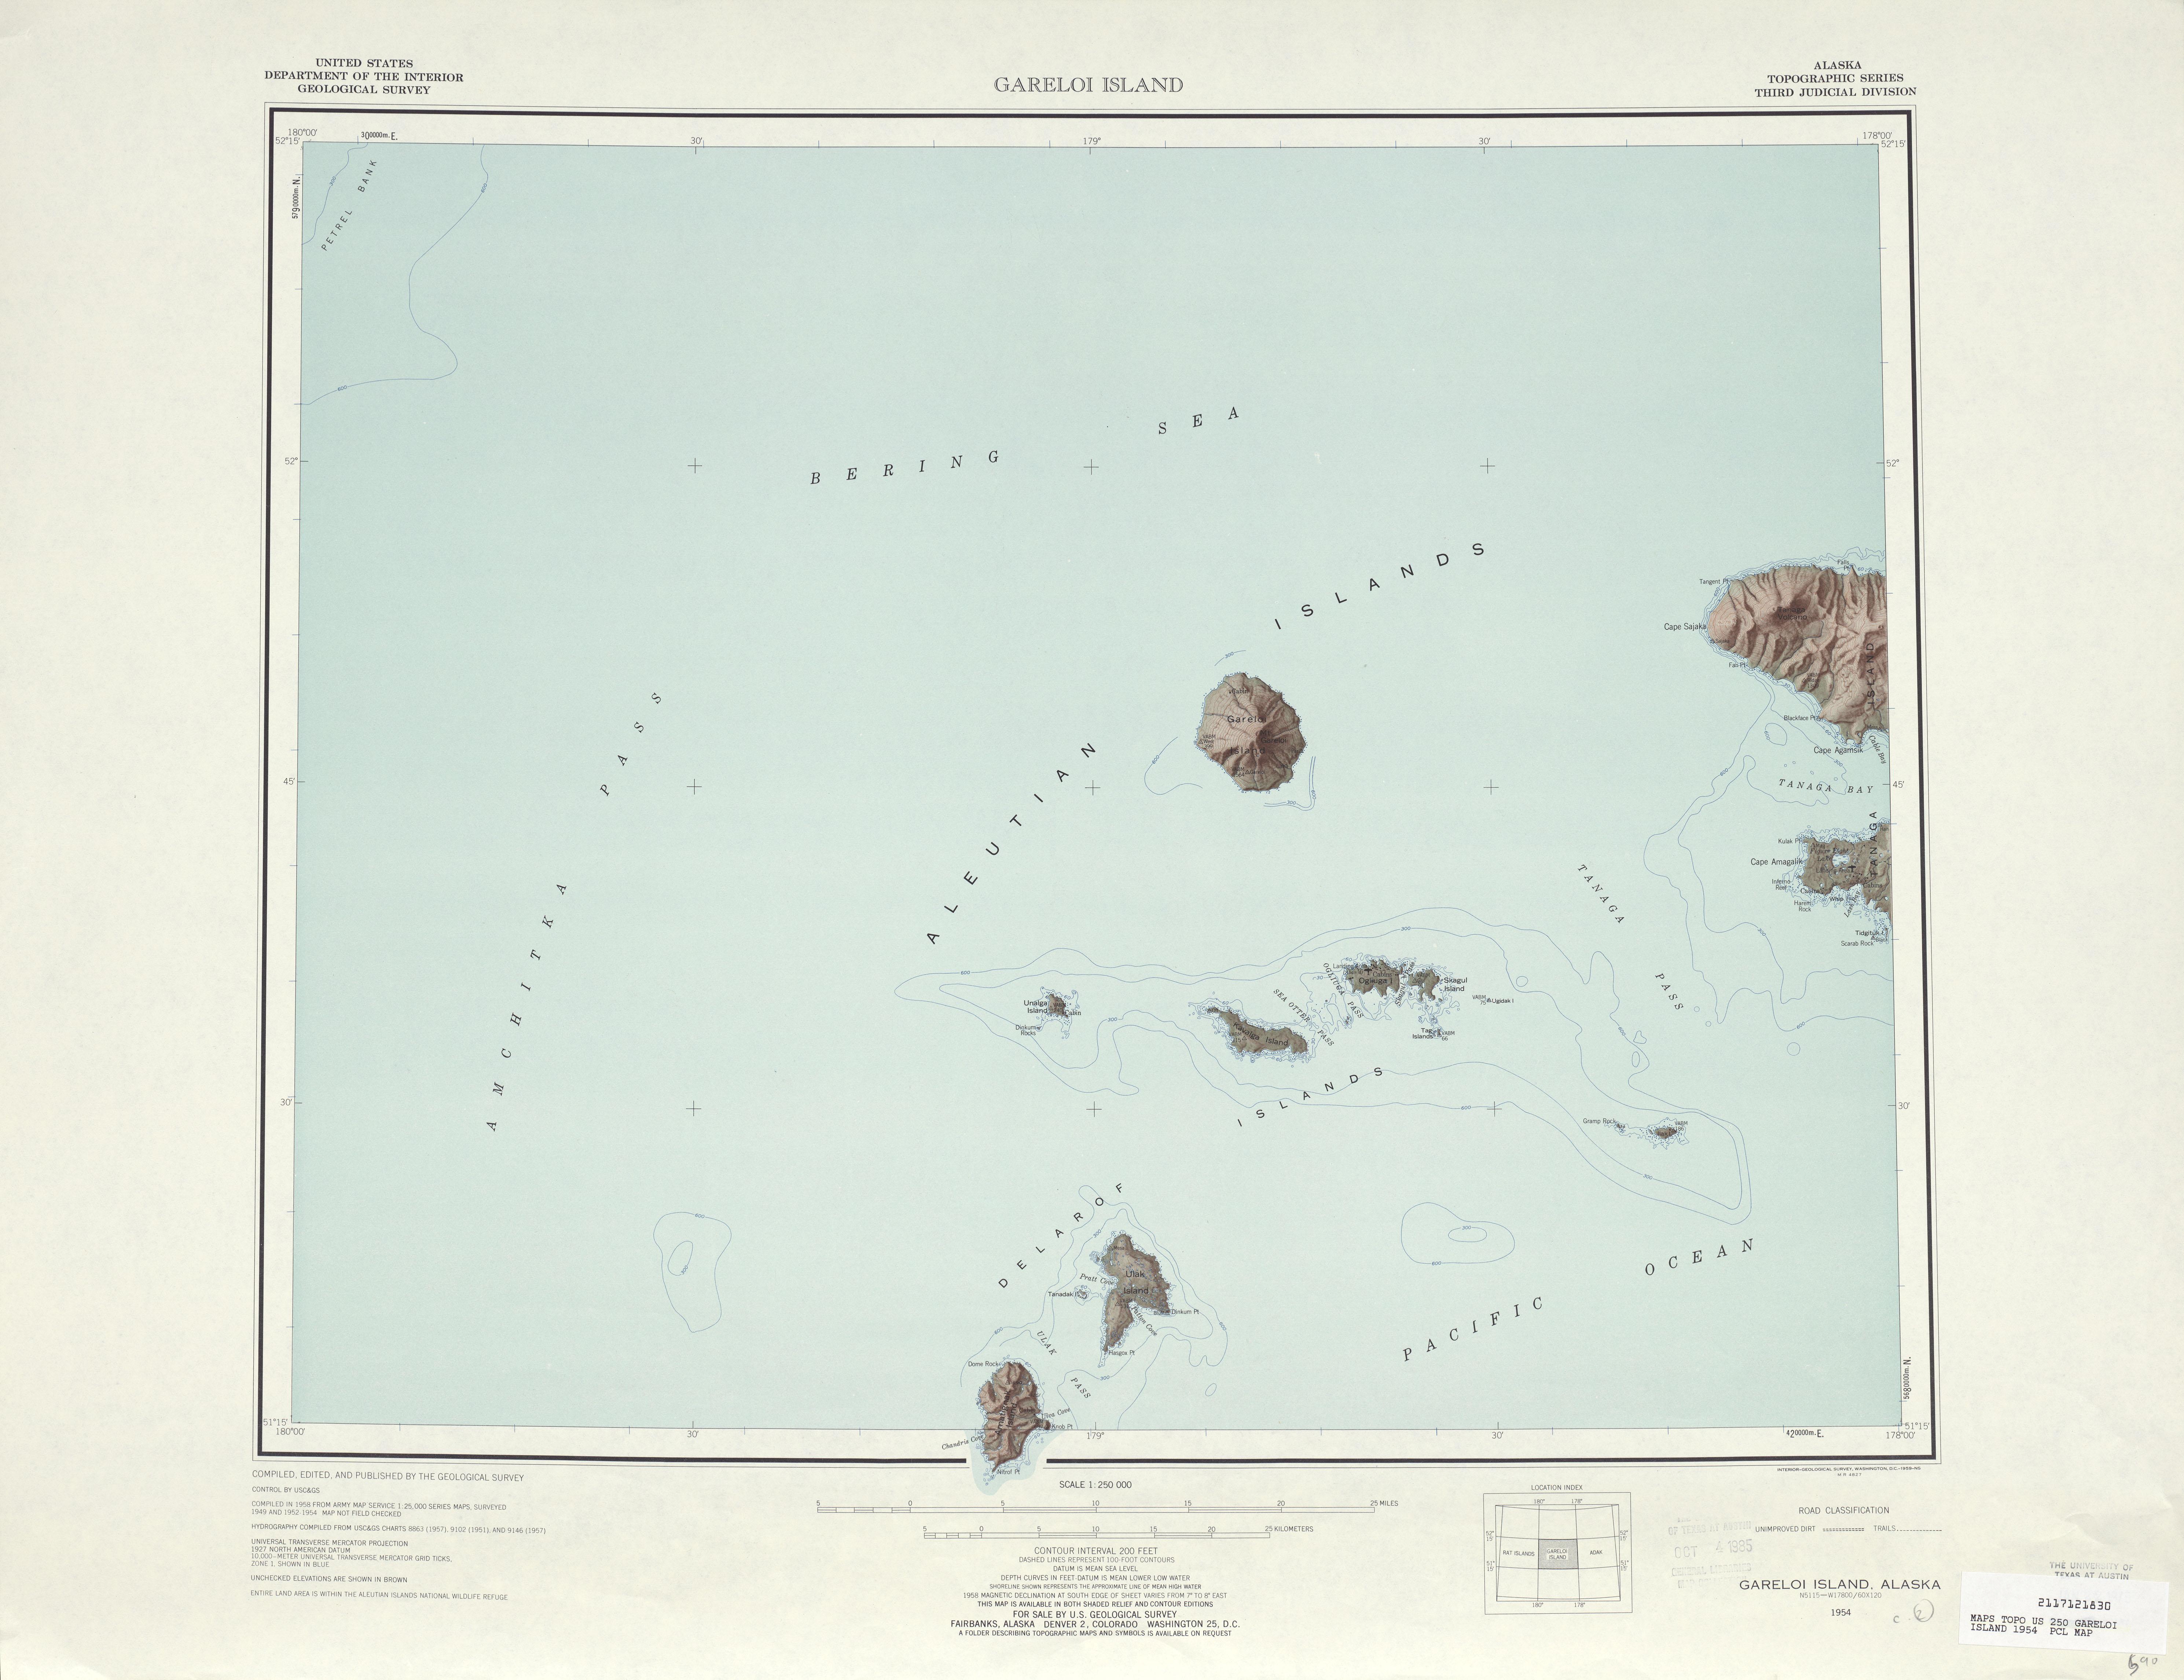 Hoja Gareloi Island del Mapa Topográfico de los Estados Unidos 1954